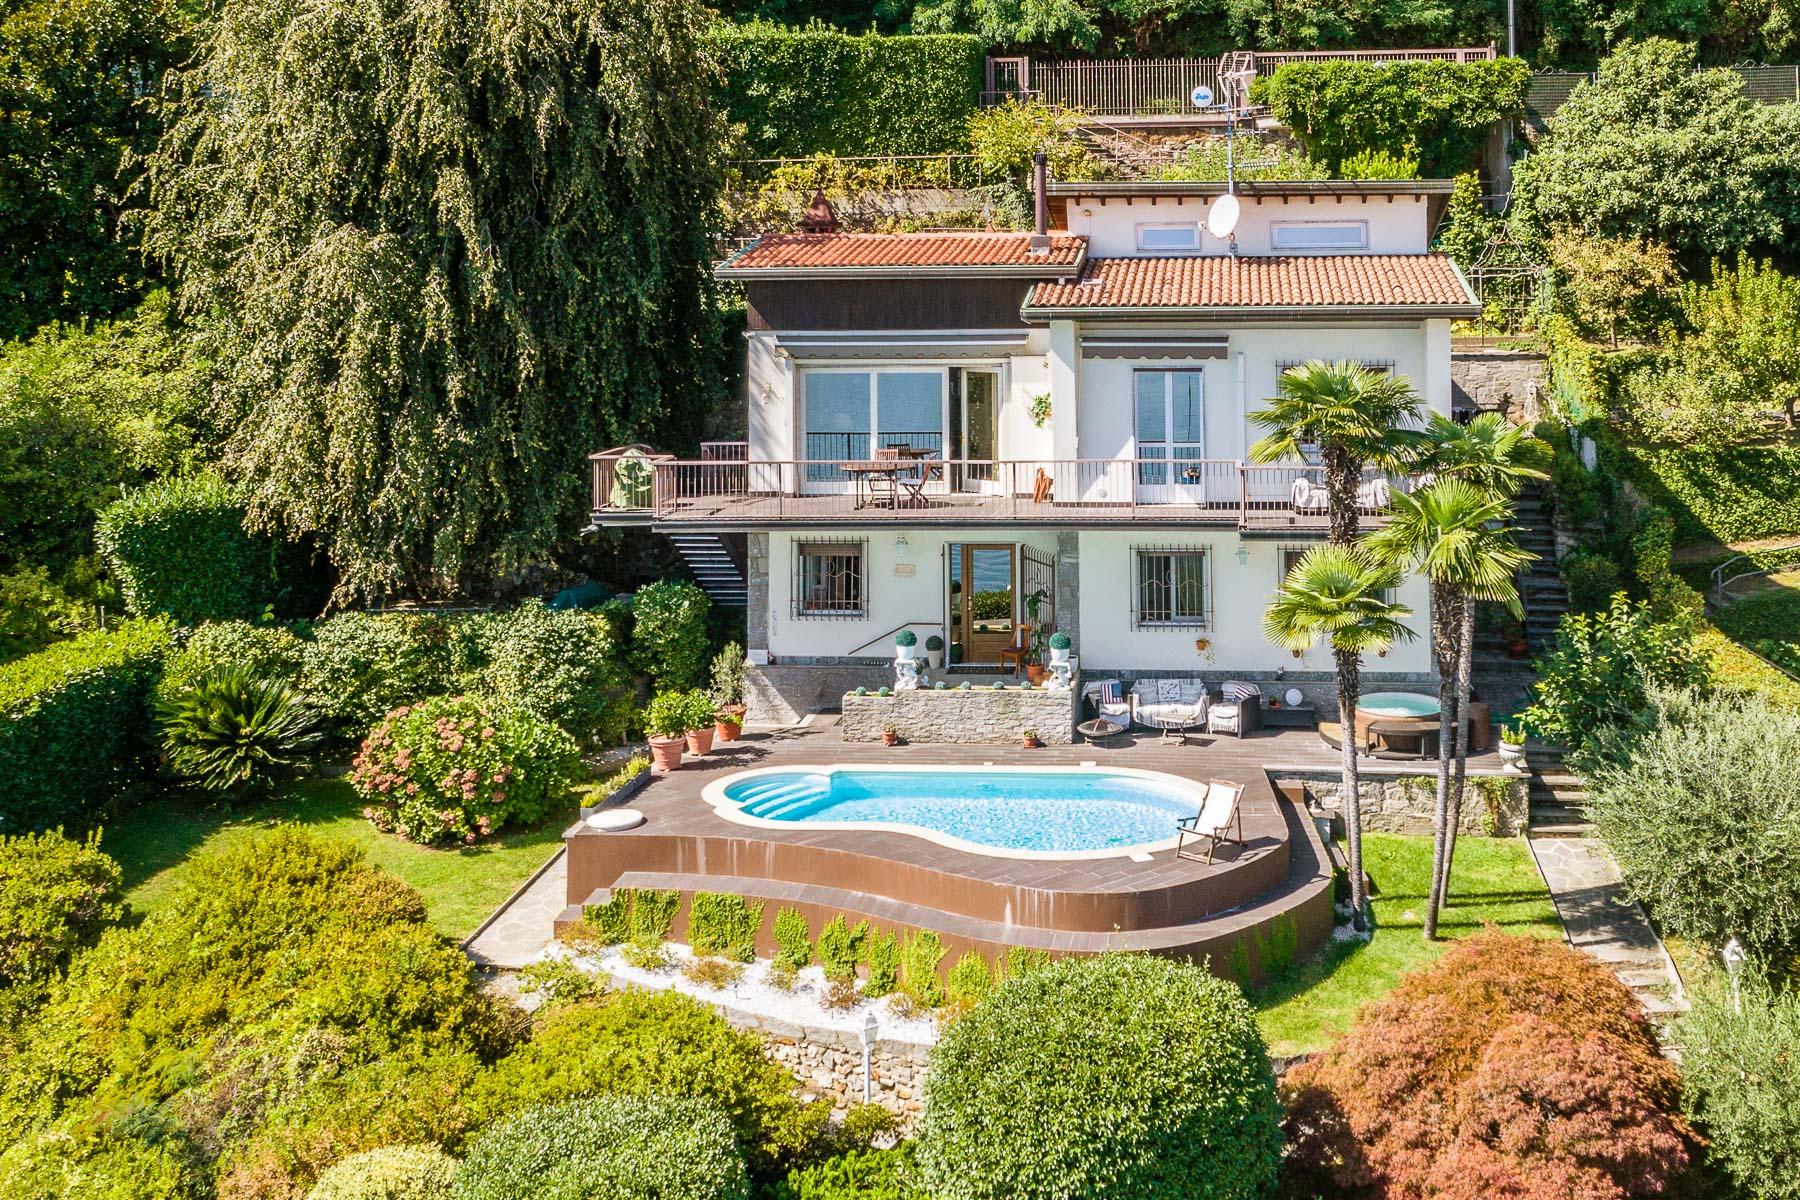 Villa in Vendita a Lesa: 5 locali, 350 mq - Foto 8